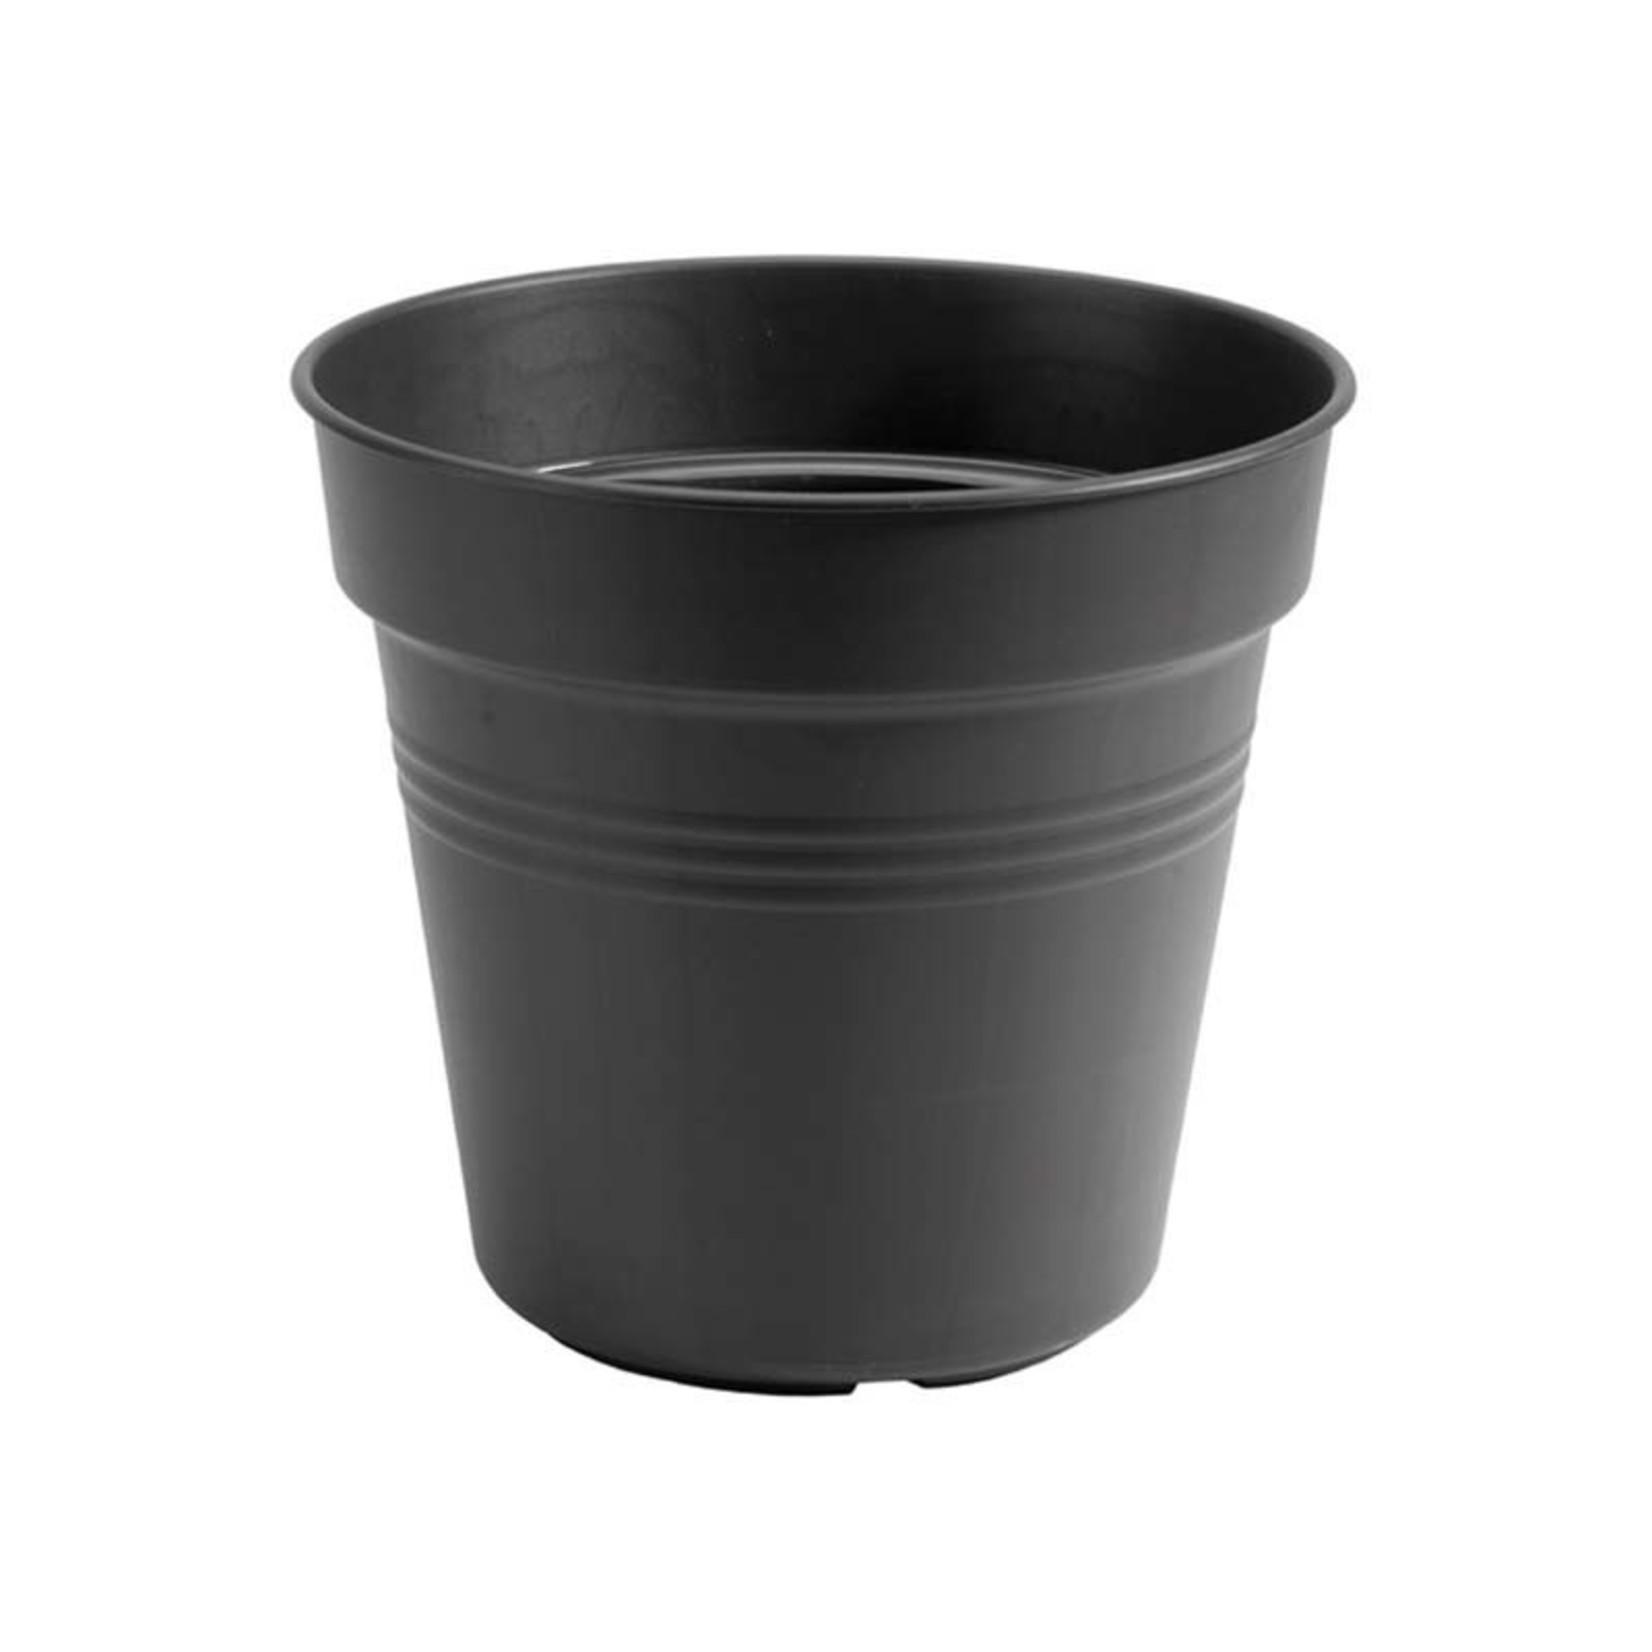 Elho Elho Grow Pot 13Cm Living Black